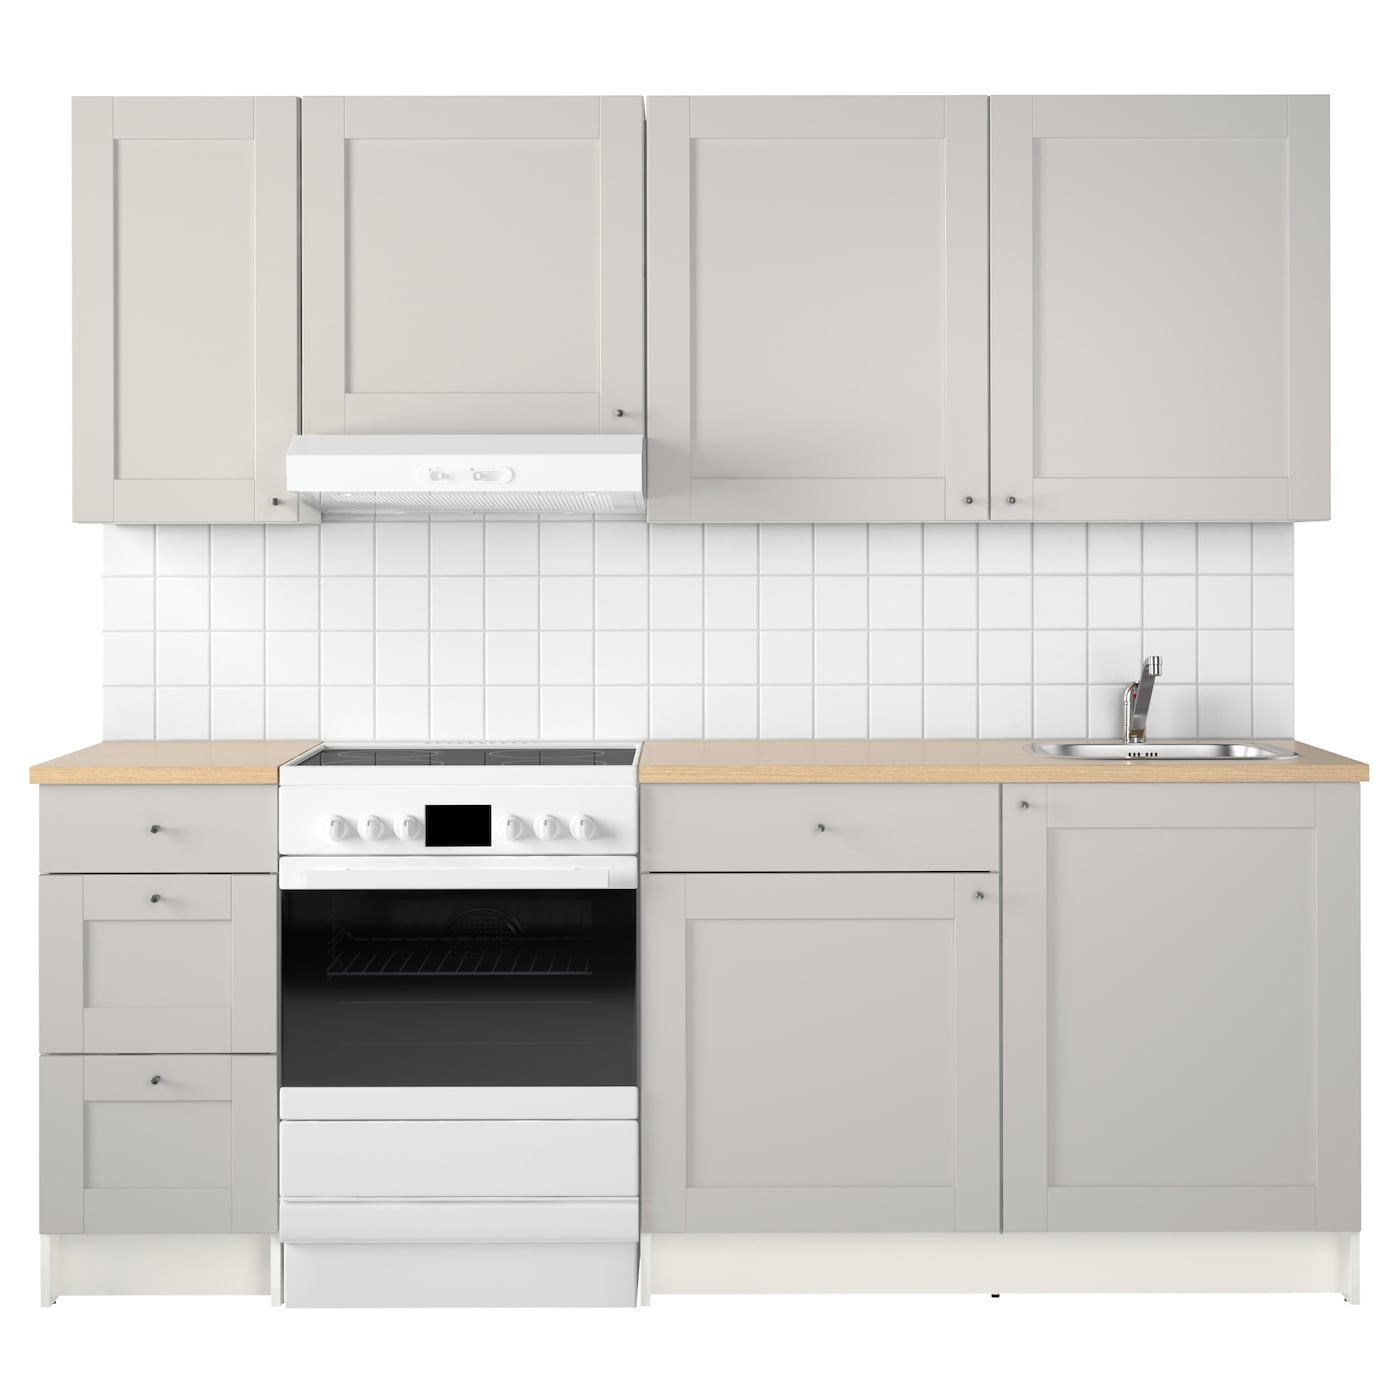 Pretty Modulos Cocina Ikea Pictures >> Muebles De Cocina Modulos ...